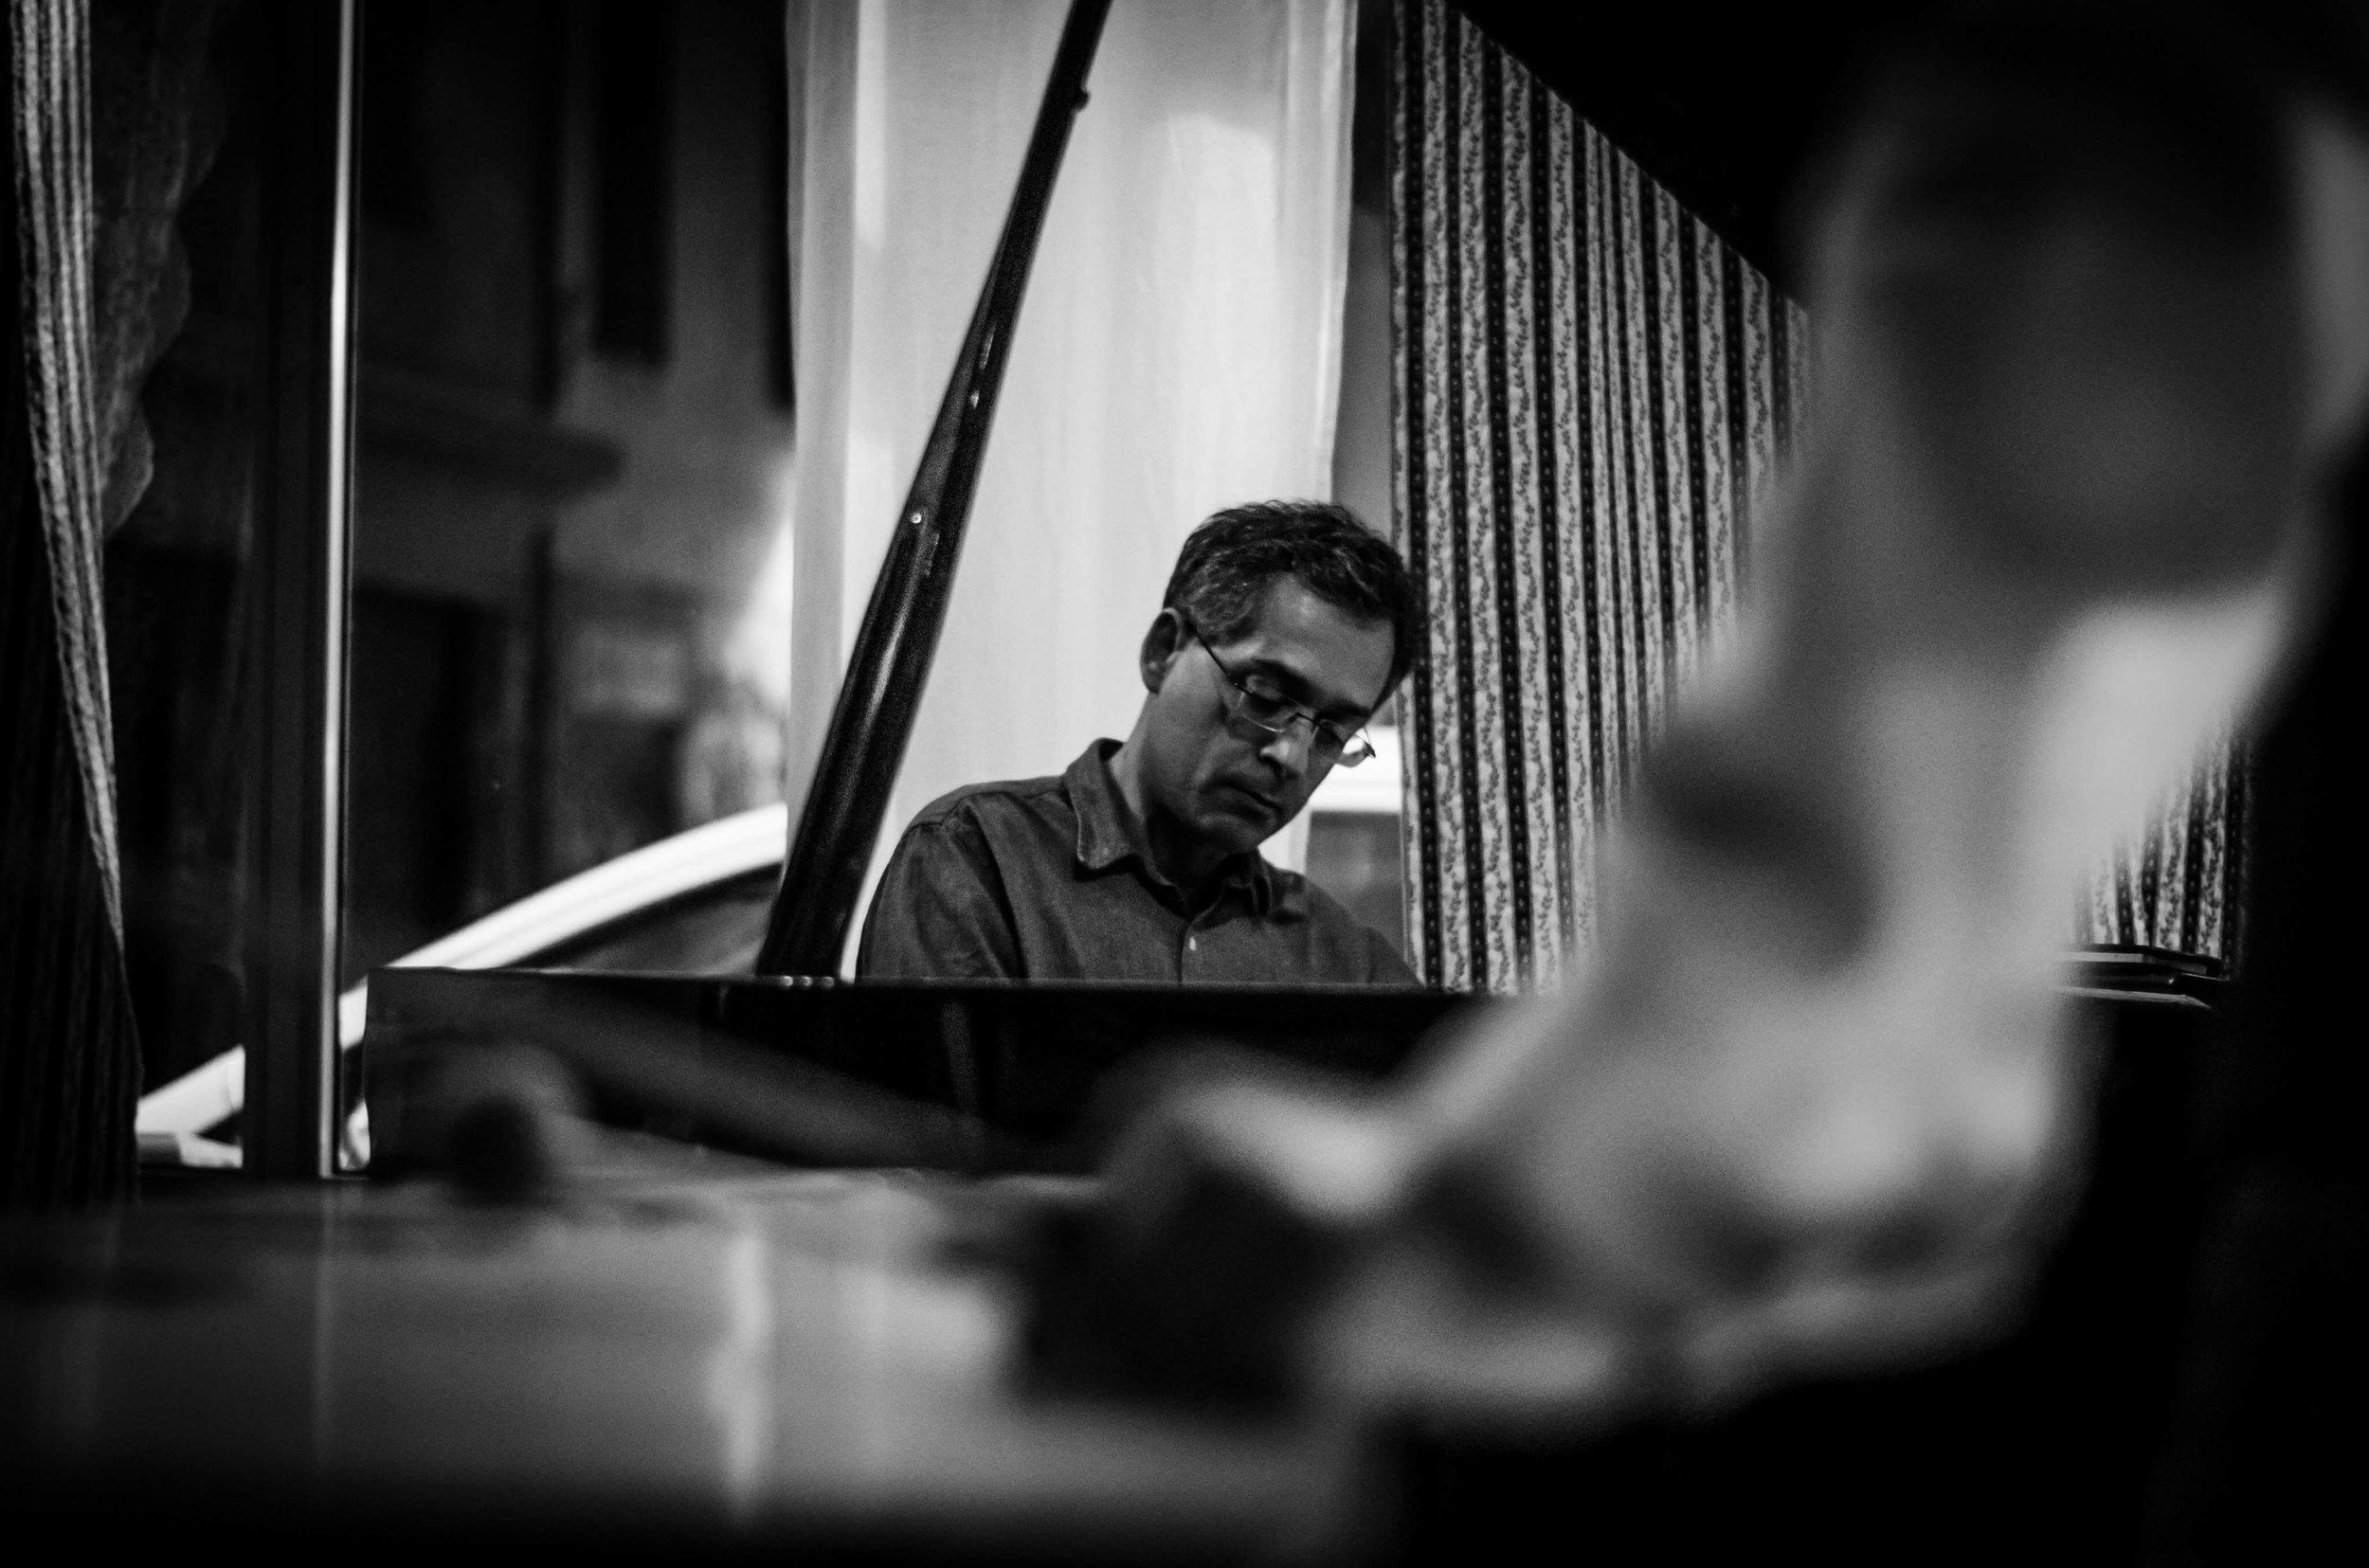 GLAFKOS KONTEMENIOTIS - Pianist